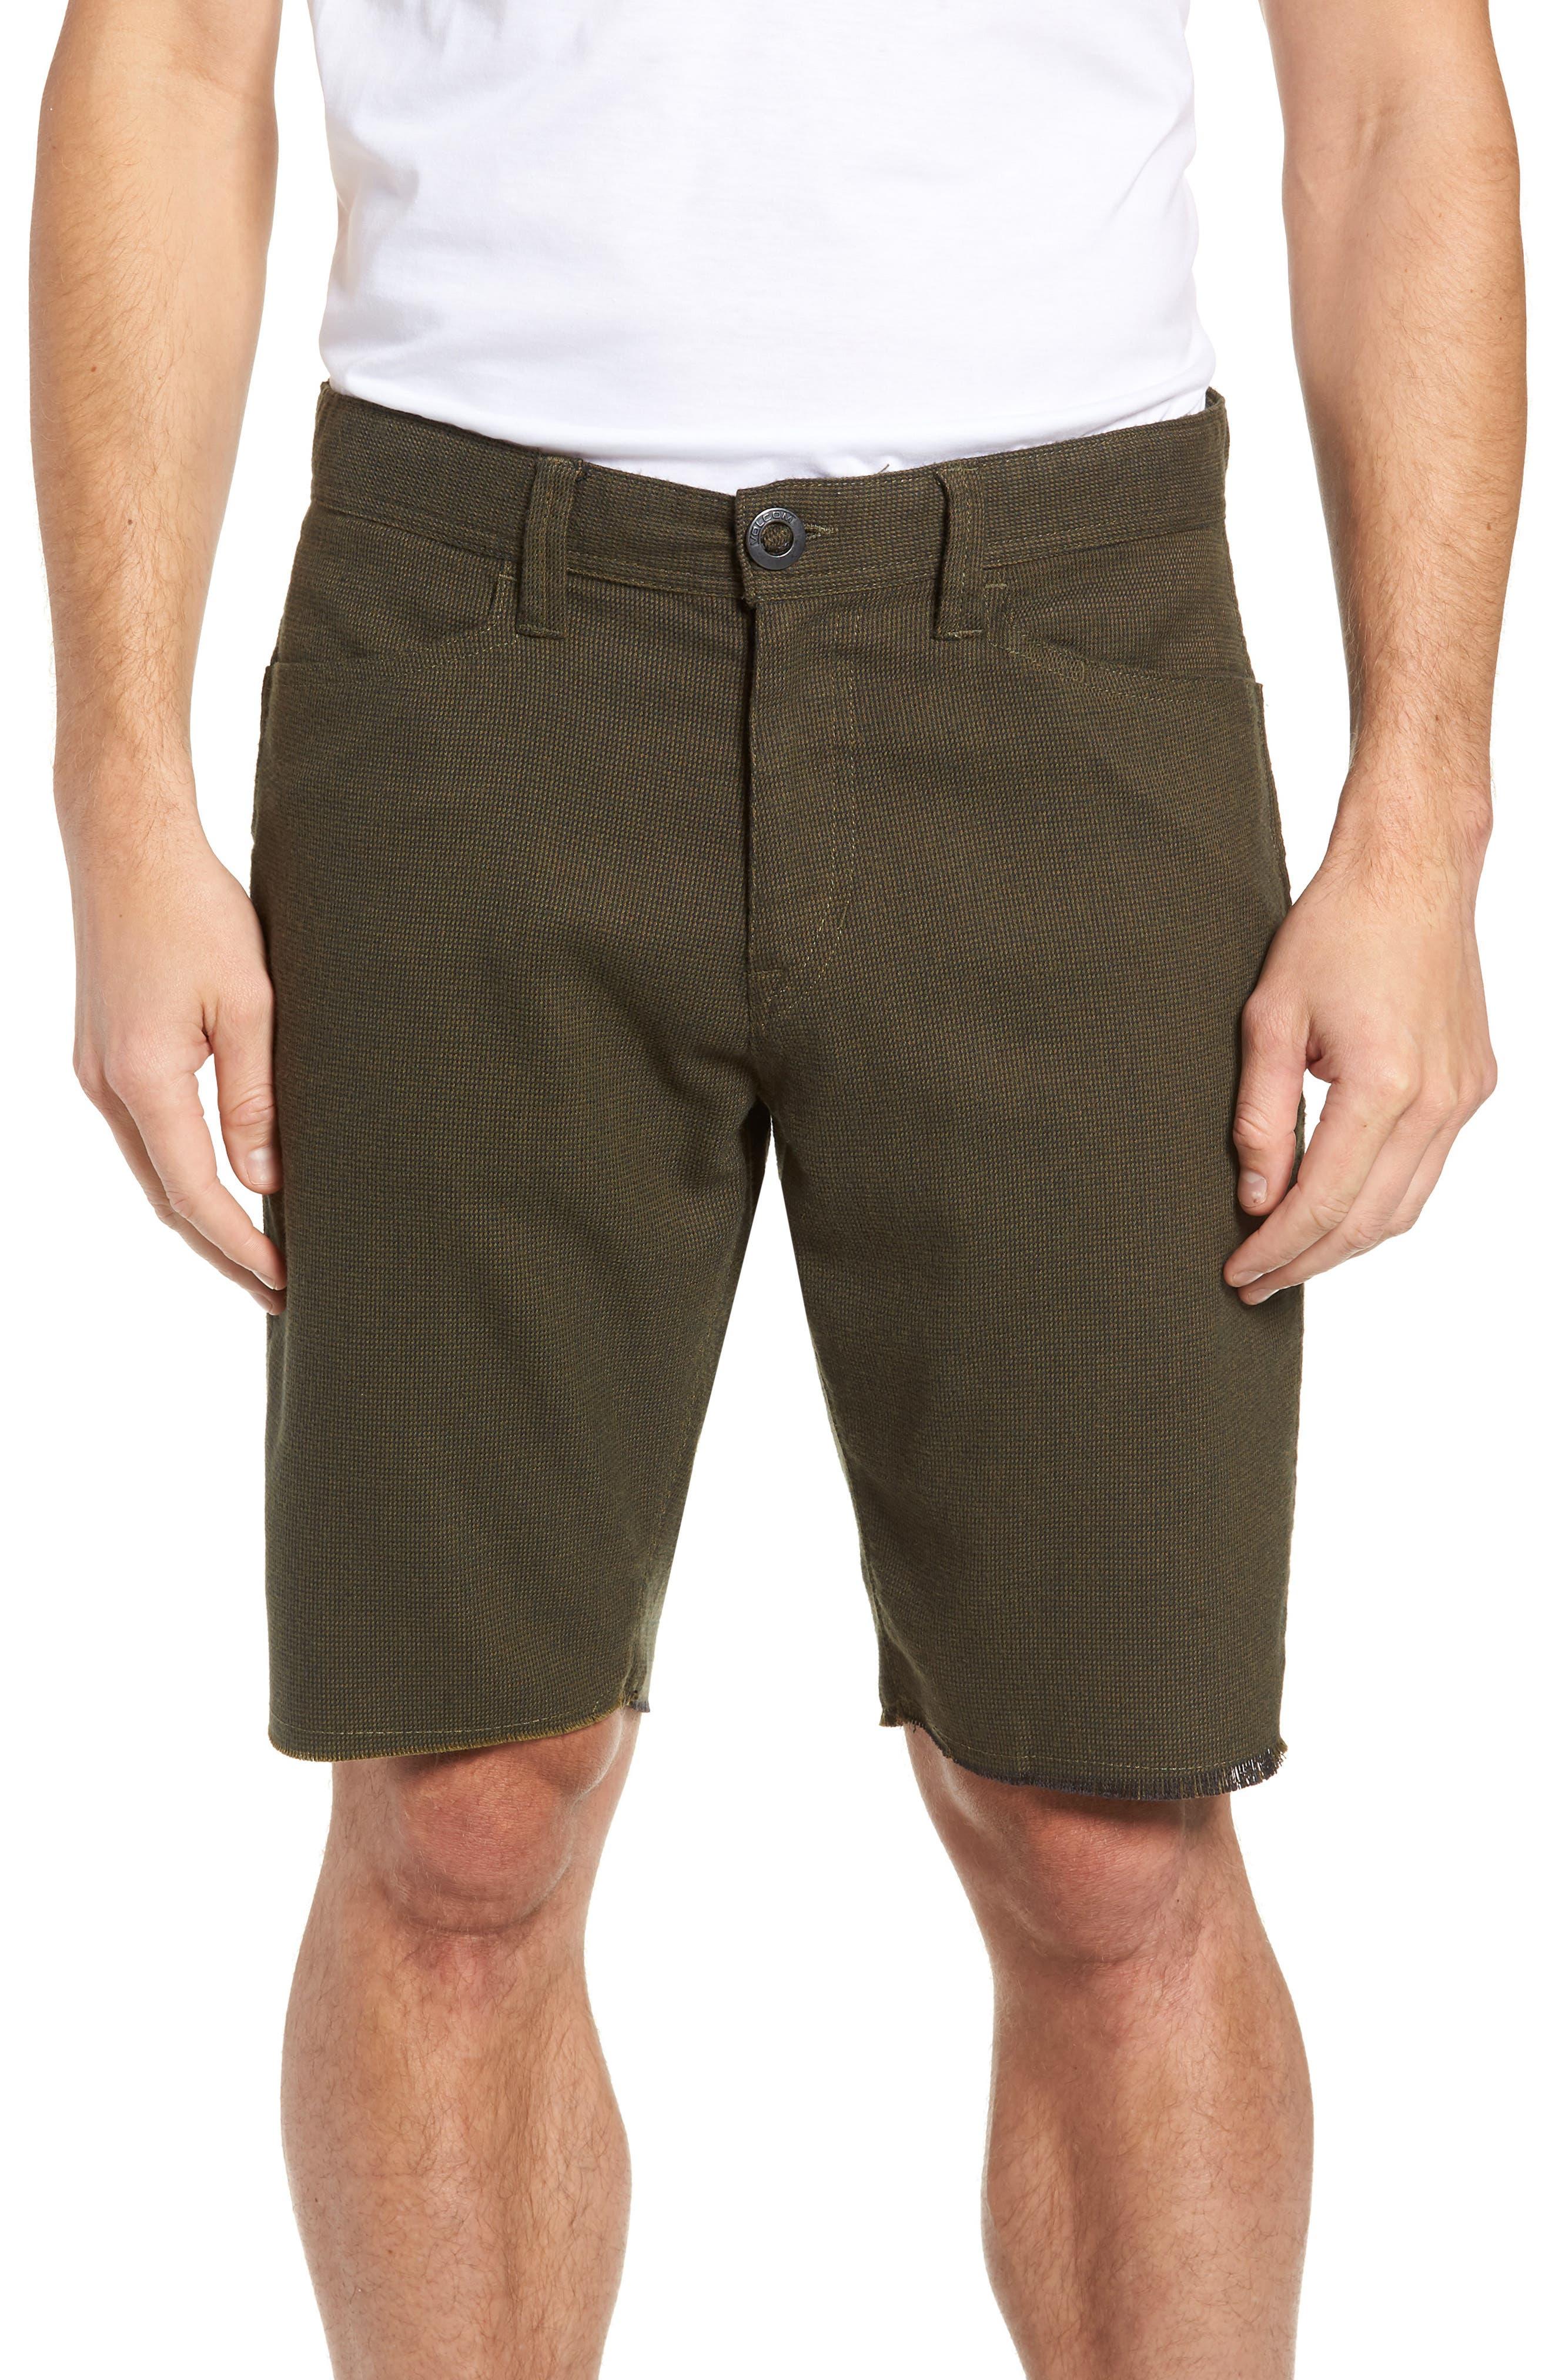 Gritter Thrifter Shorts,                         Main,                         color, GREENTEA